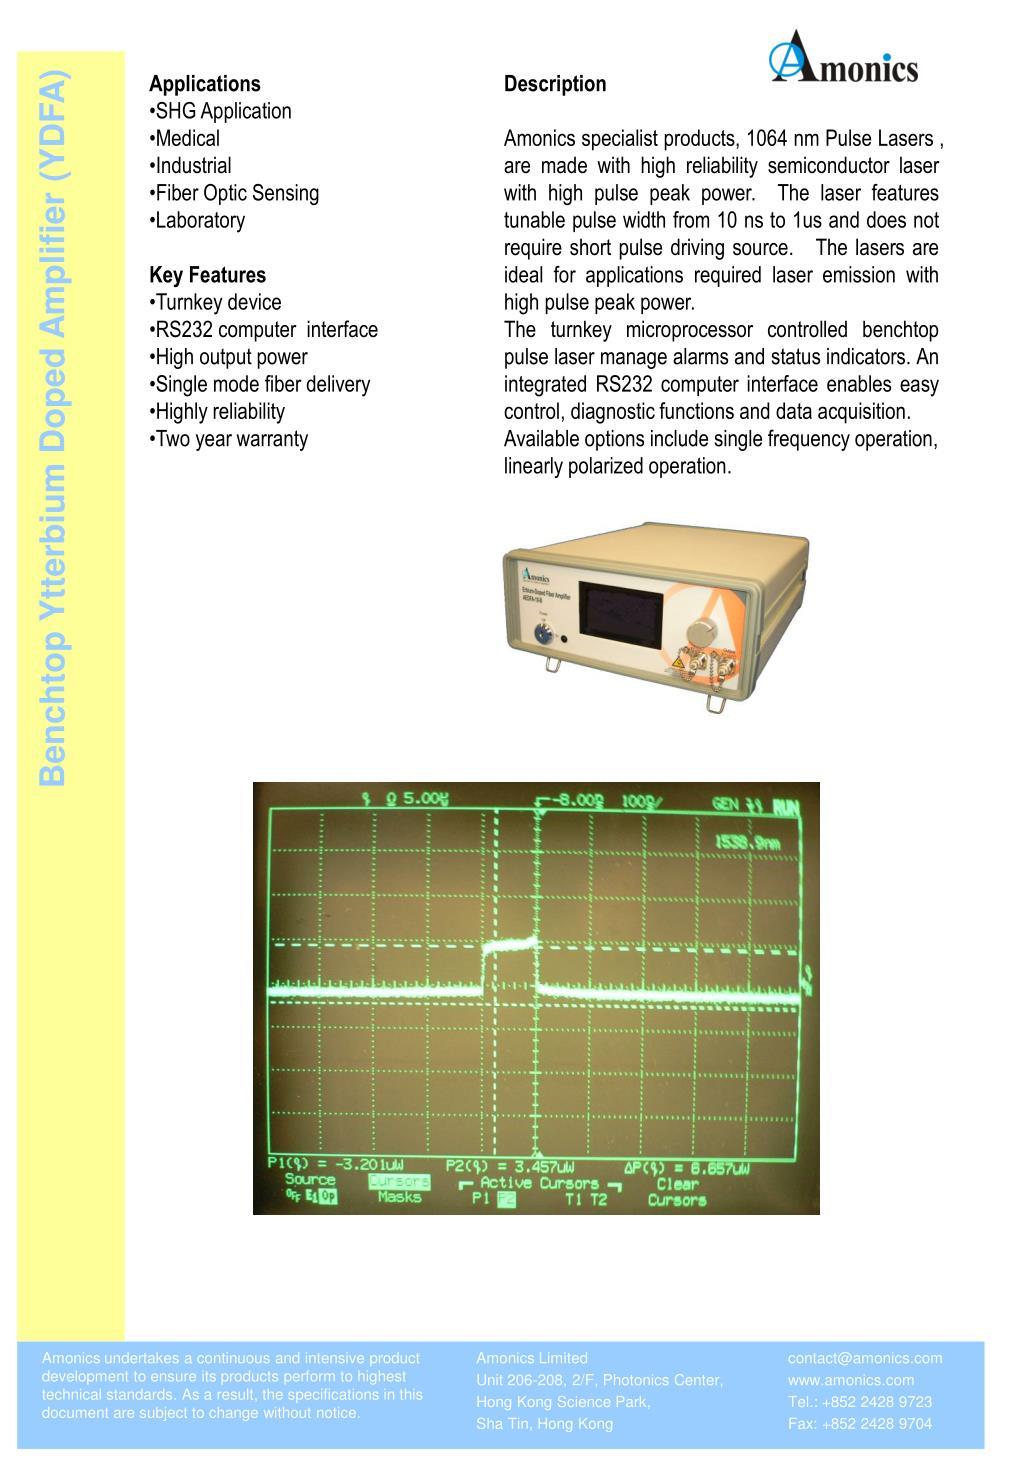 Benchtop Ytterbium Doped Amplifier (YDFA)